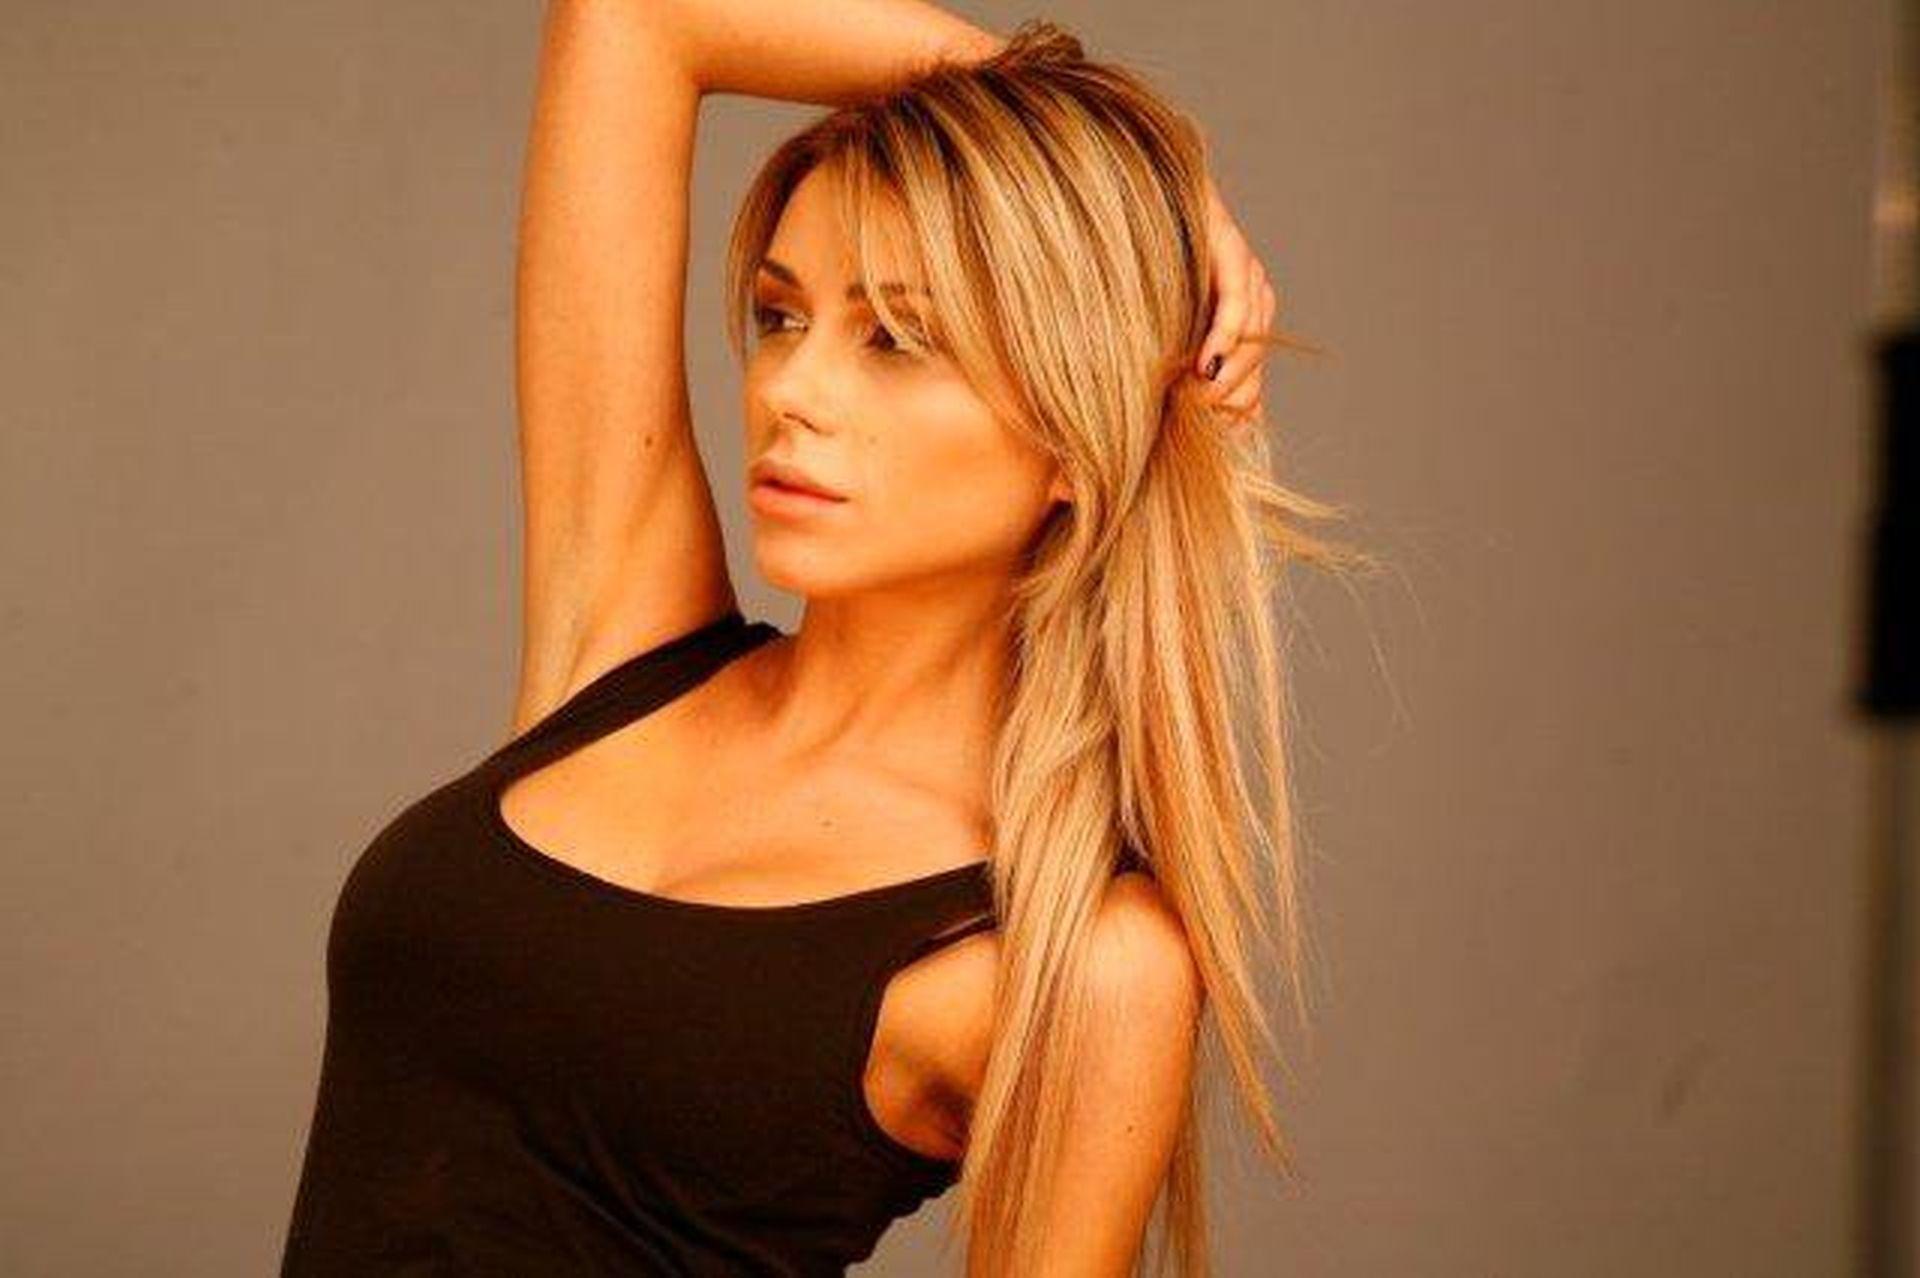 Hot Rebecca Dayan  nudes (45 fotos), Twitter, panties